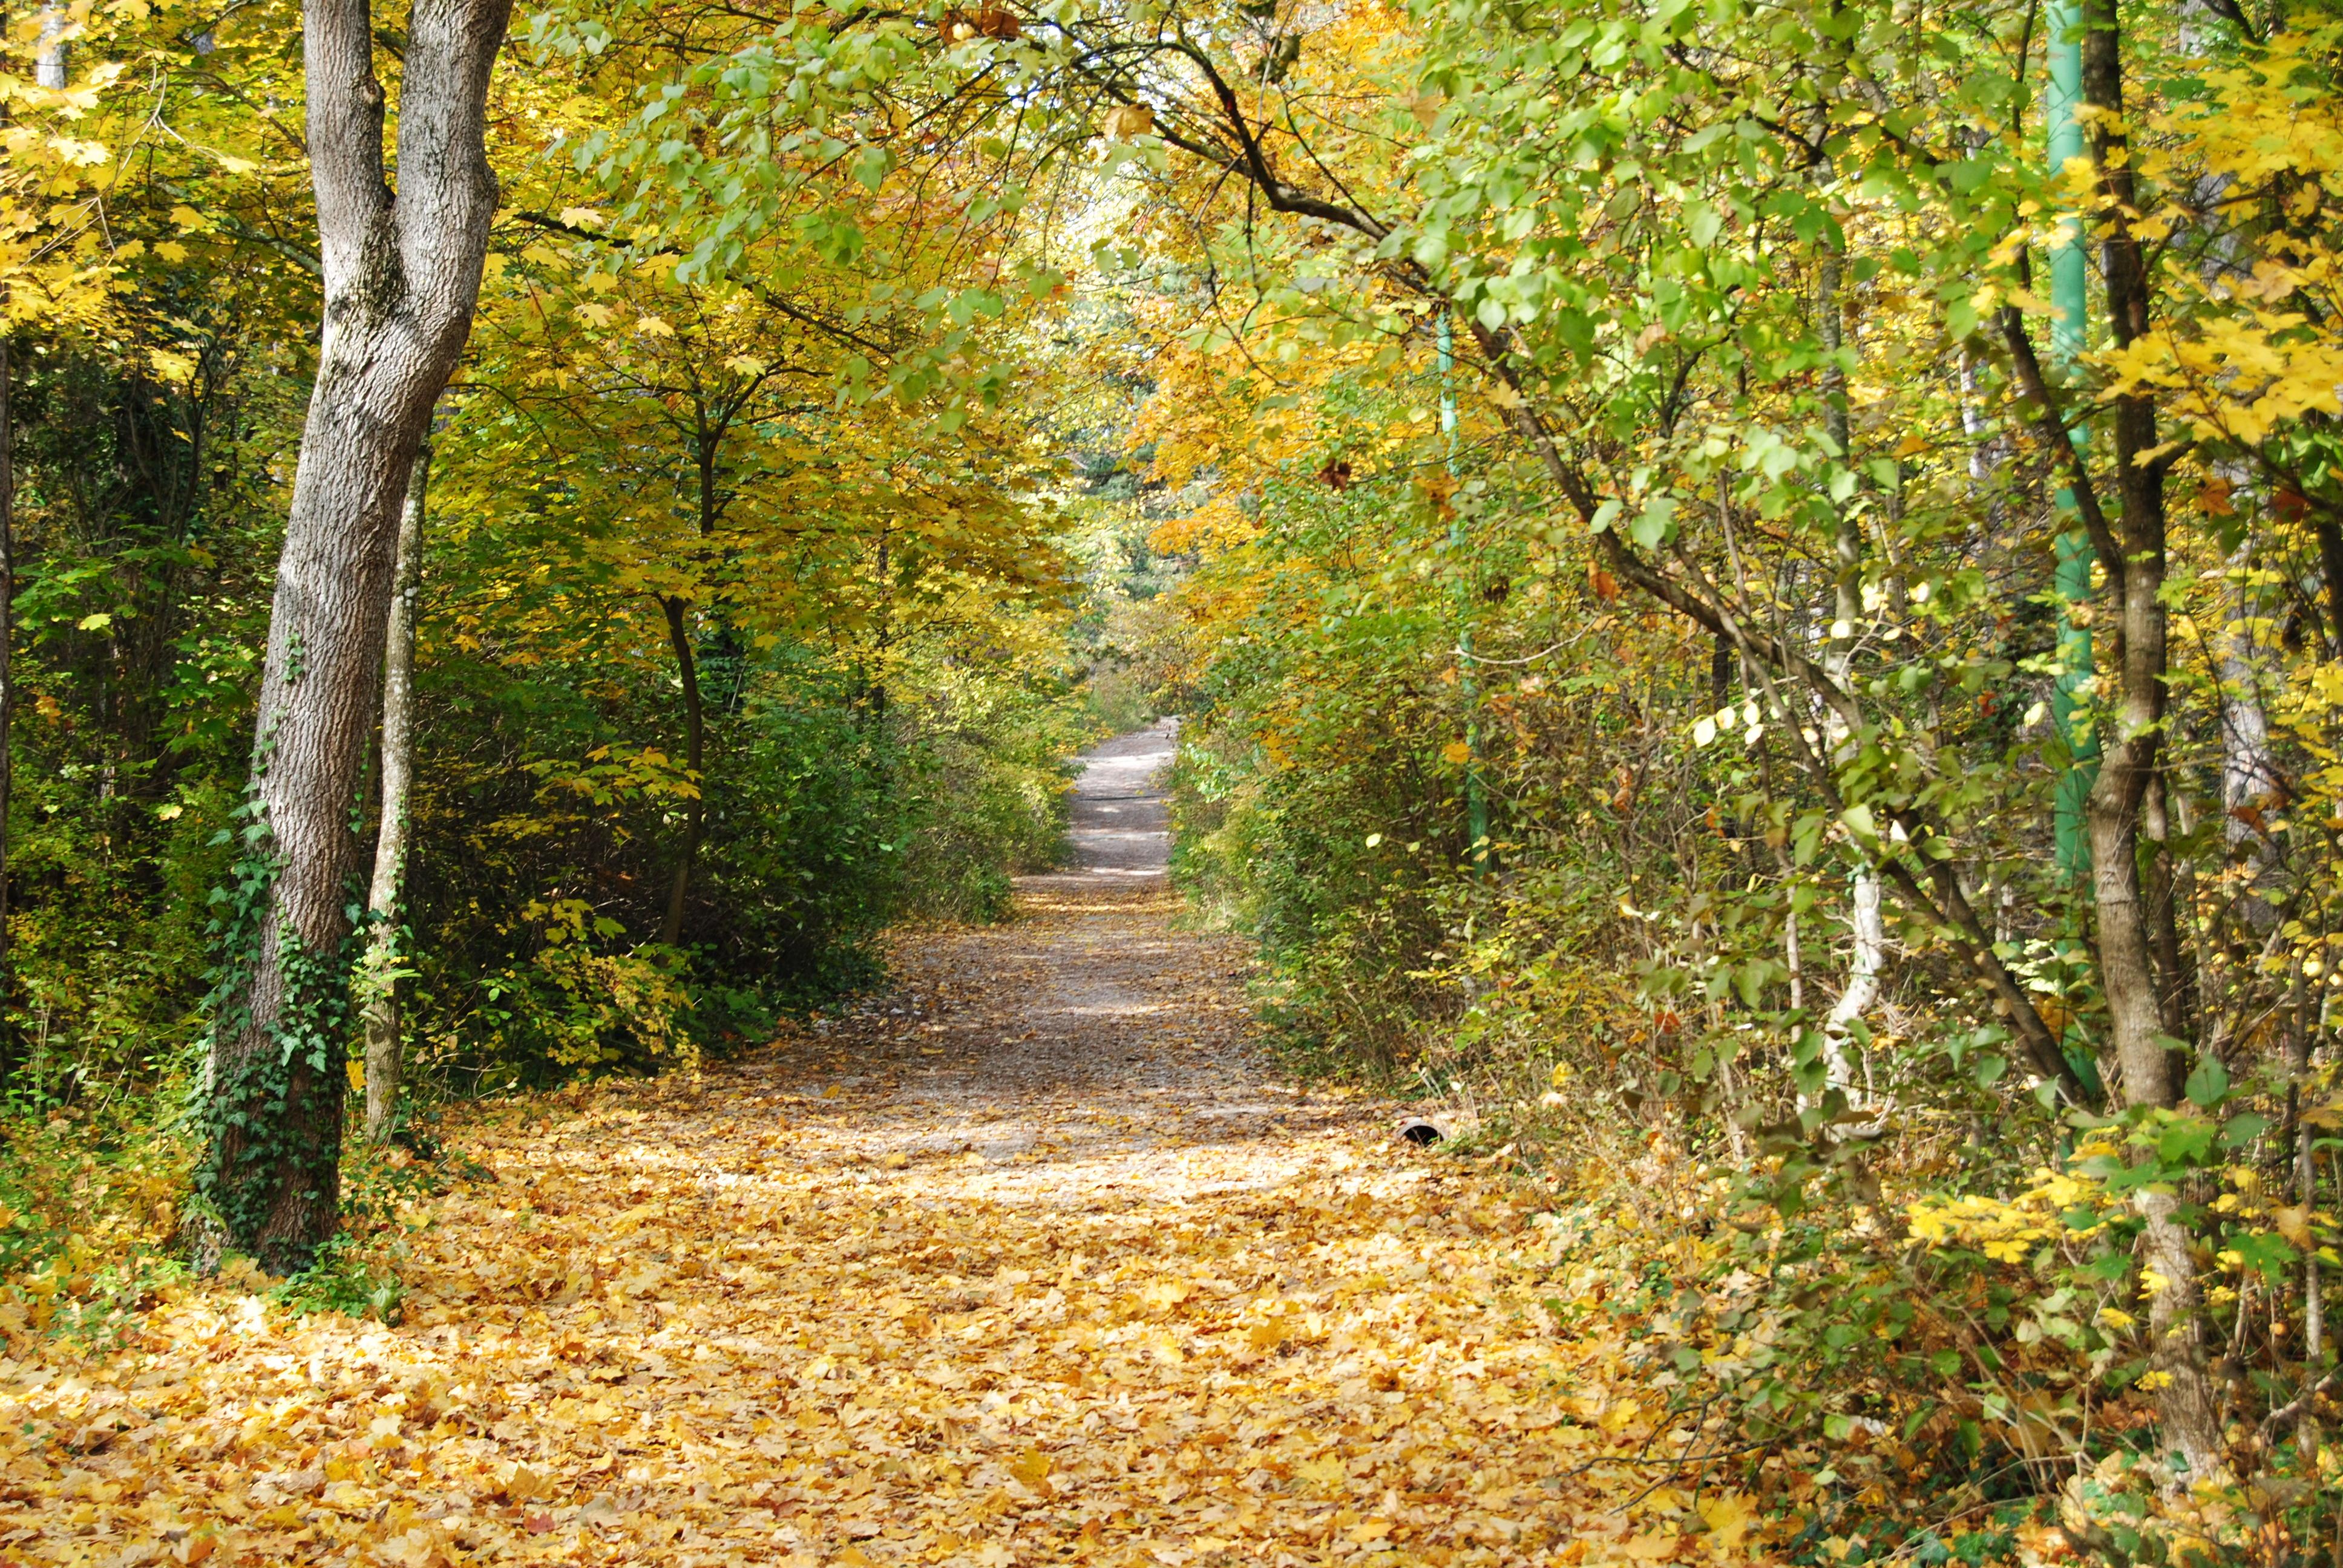 DSC 2583 - Der September: Scheiding, Erntedank und Almabtrieb